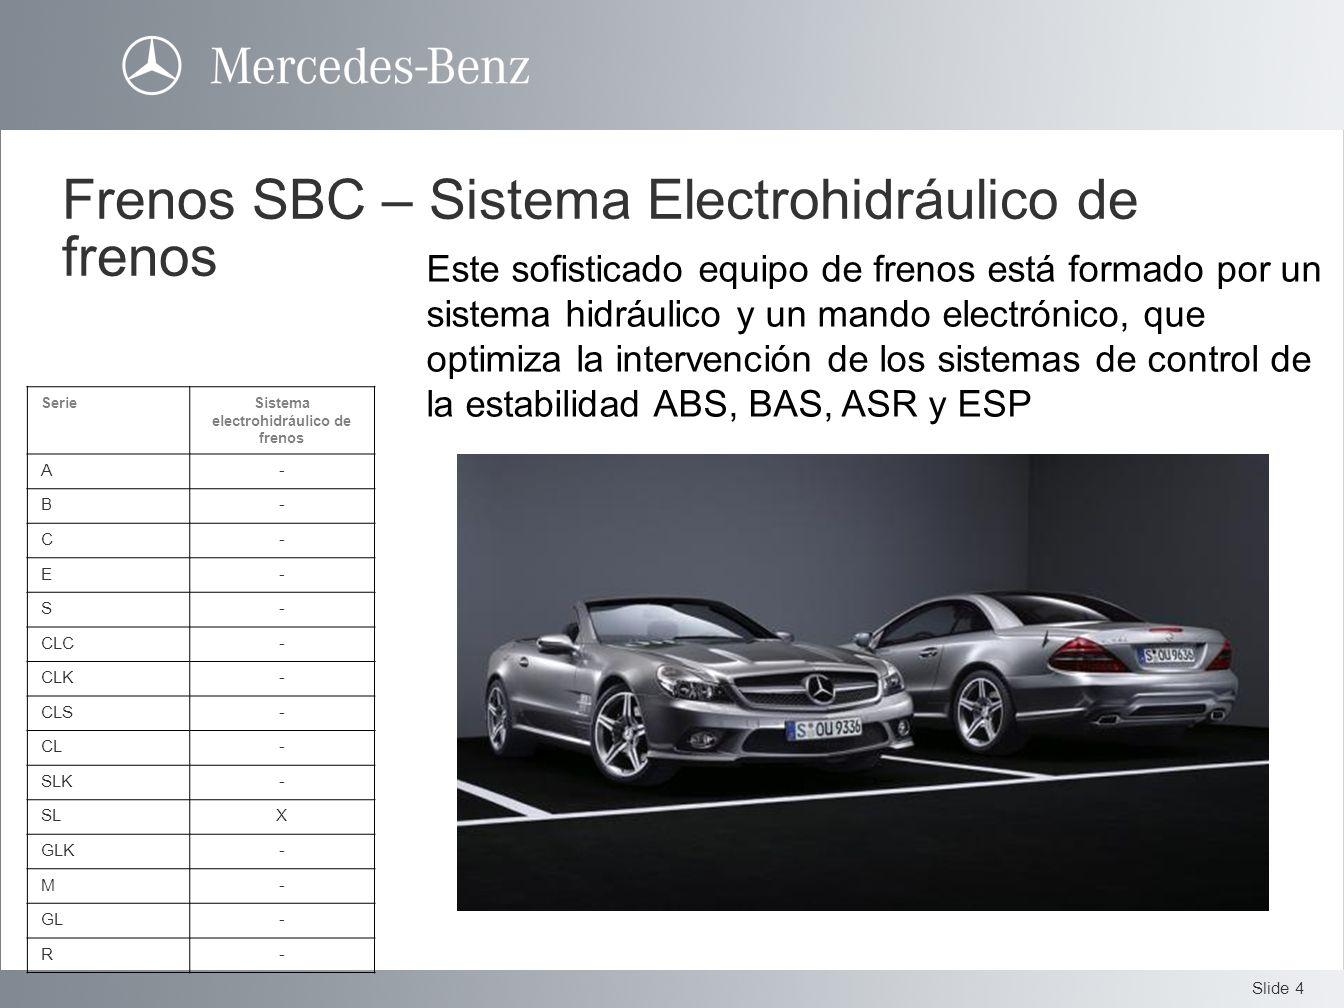 Frenos SBC – Sistema Electrohidráulico de frenos